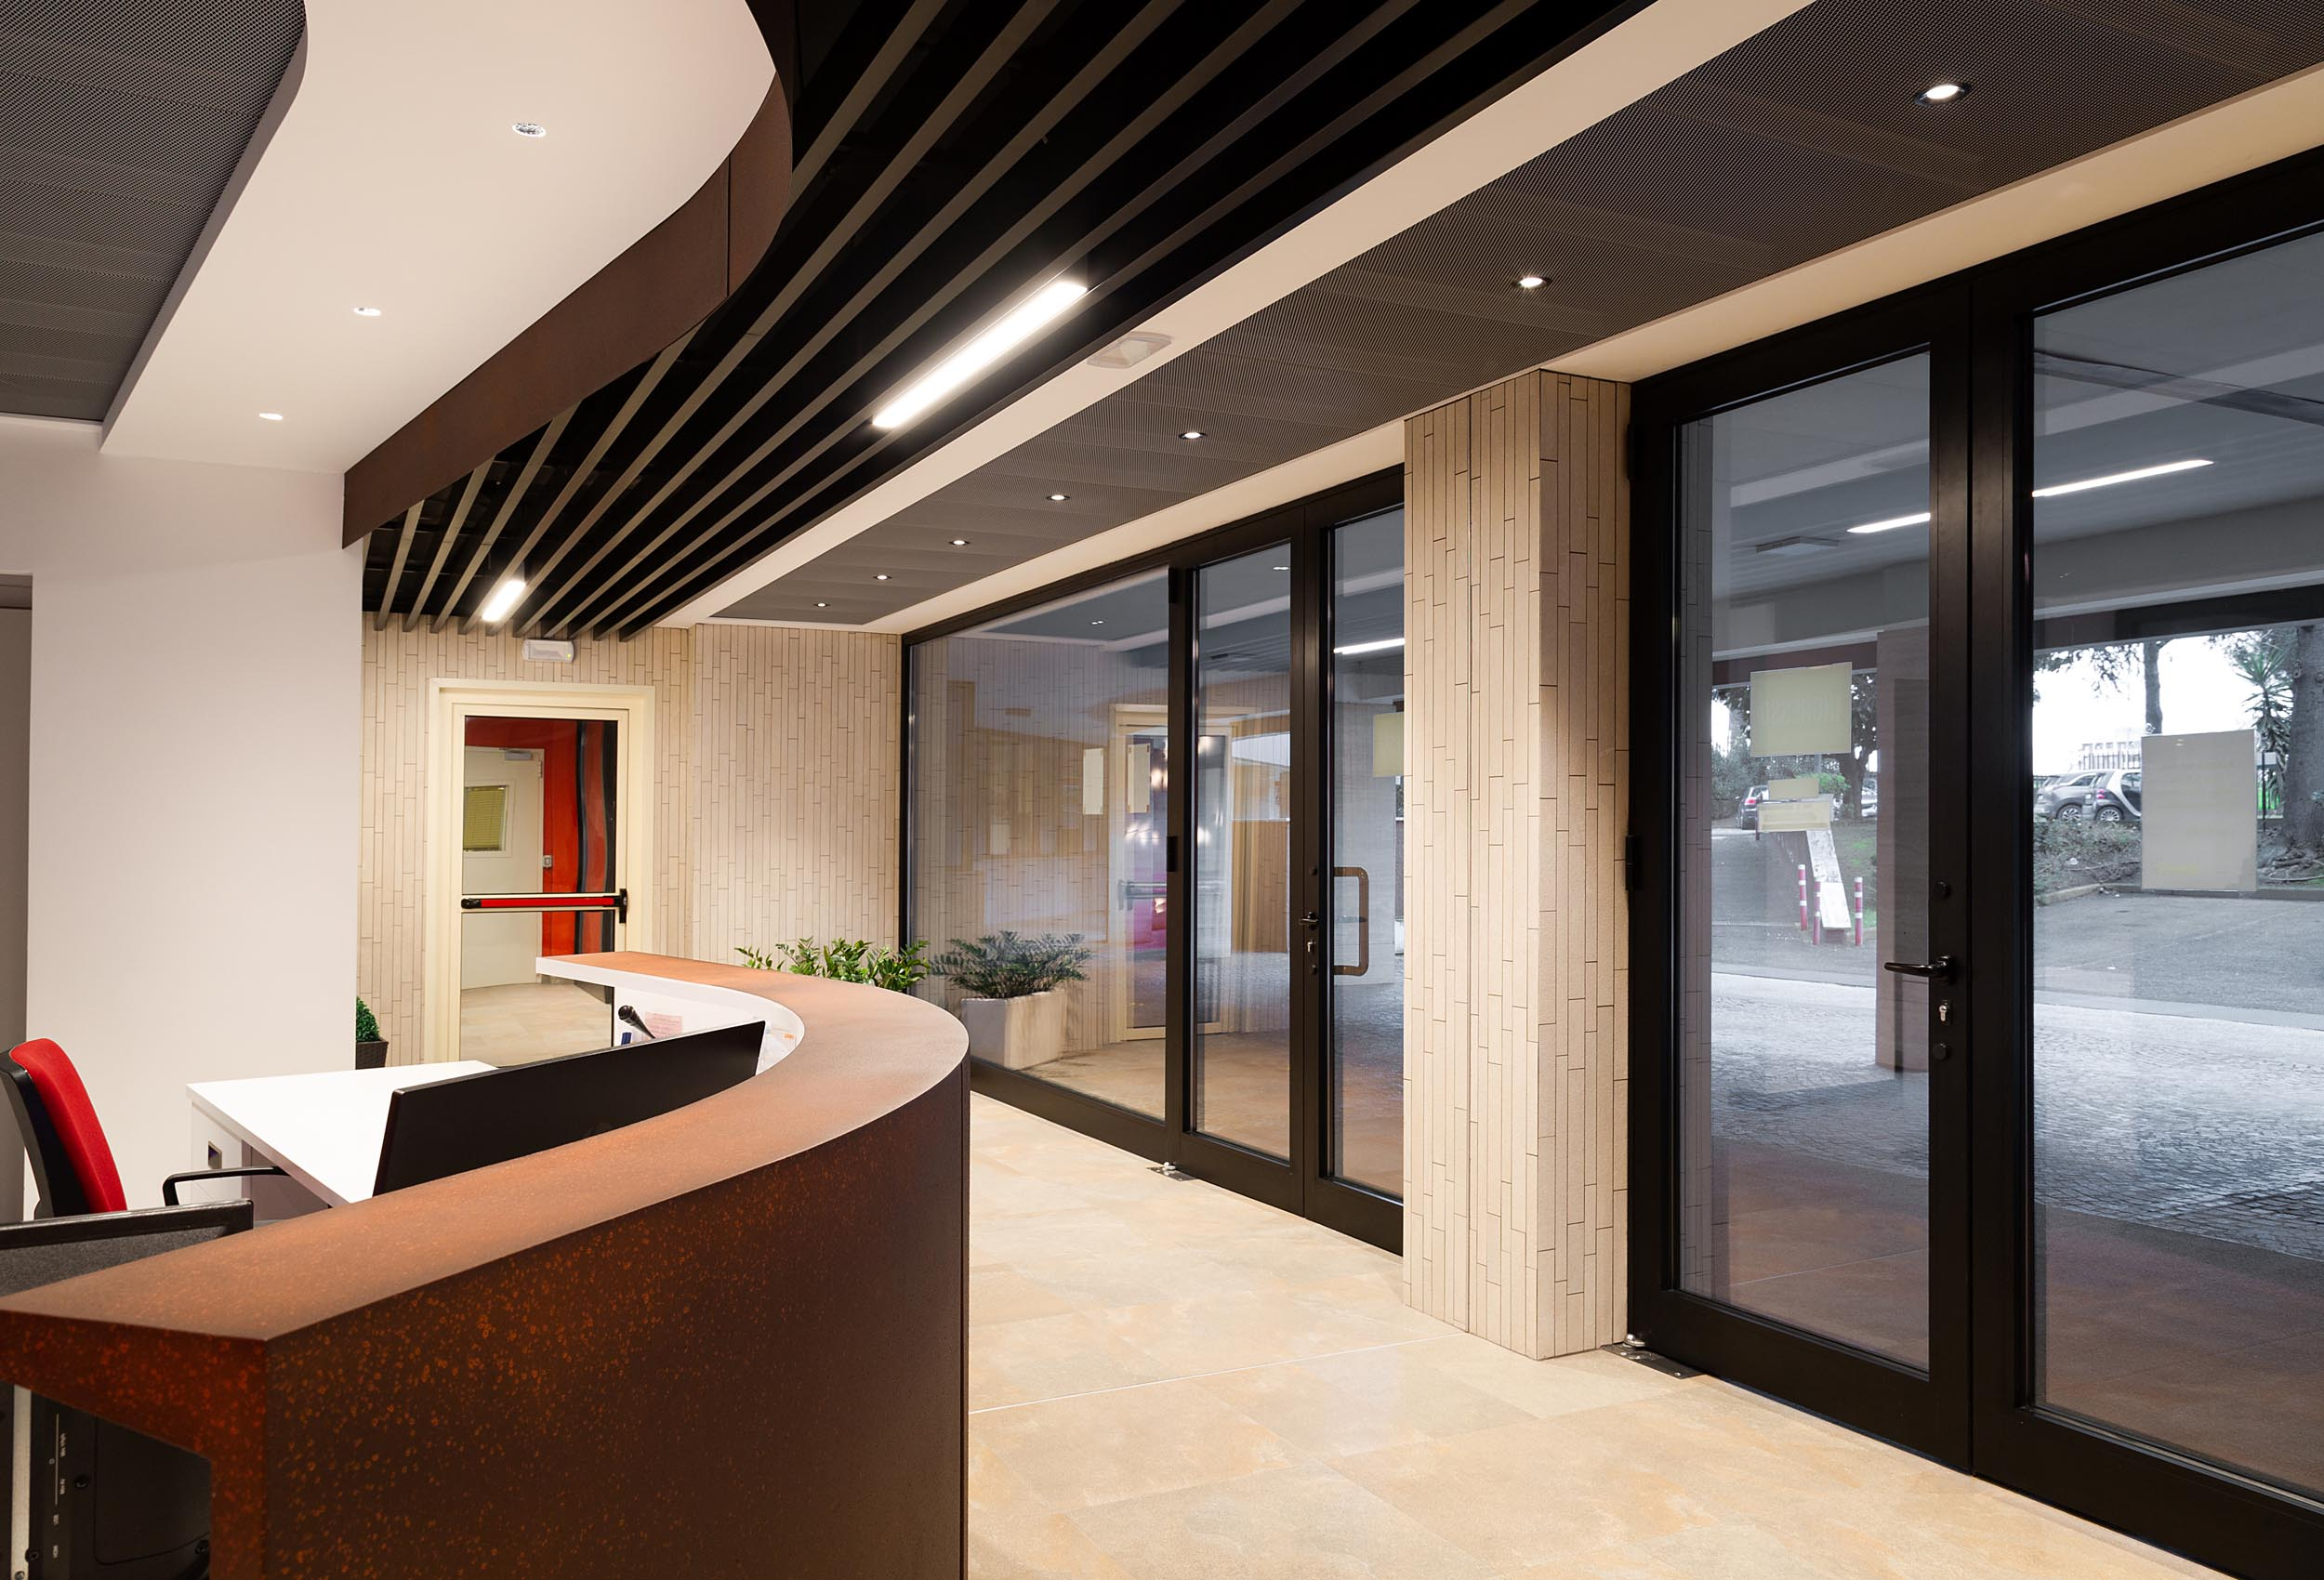 interior-design-office-design-reception-roma-studio-architettura-forniti-fad-7